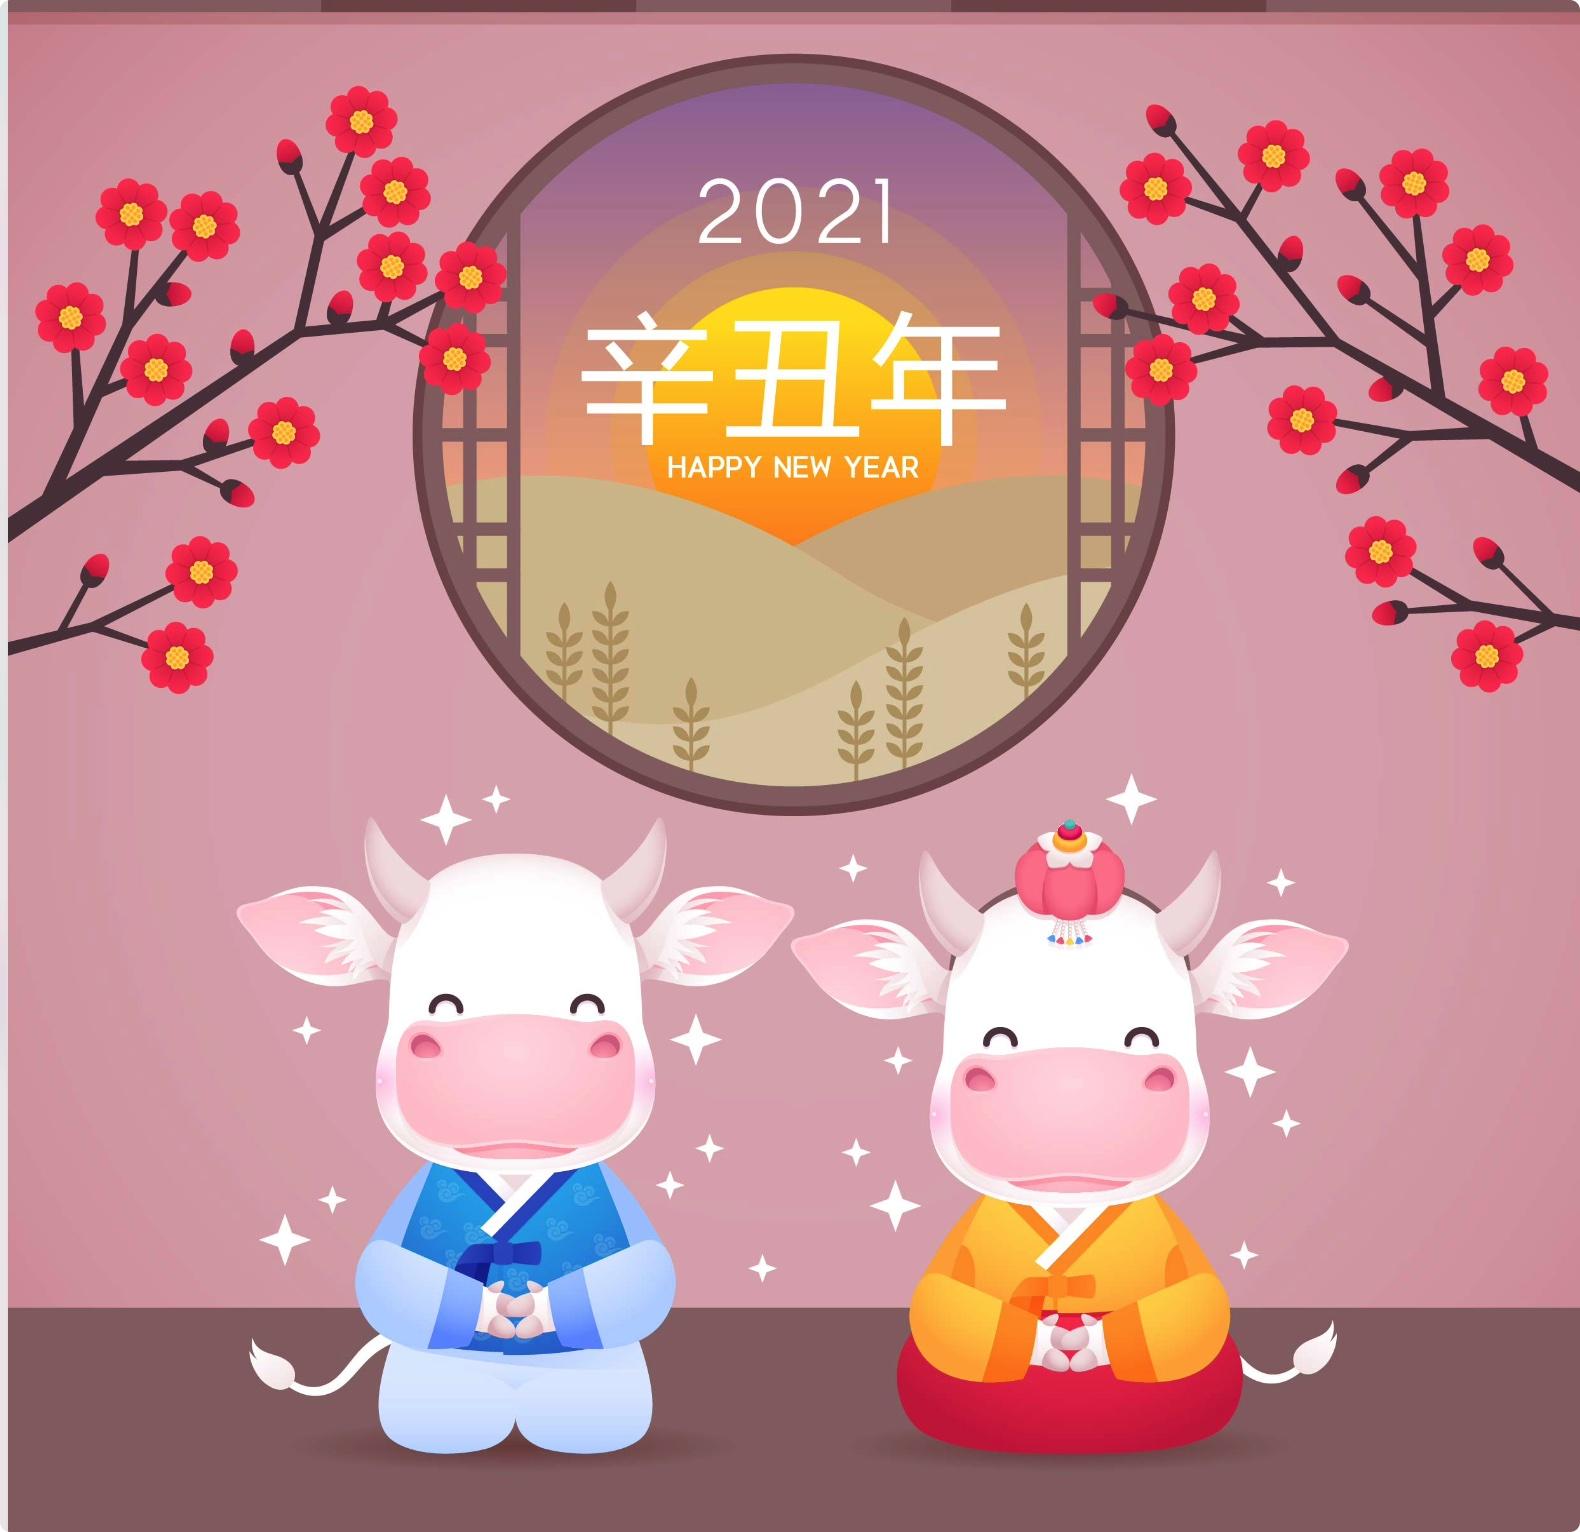 红包封面20款超萌超可爱2021年牛年辛丑年新年新春春节插画矢量设计素材【精品】